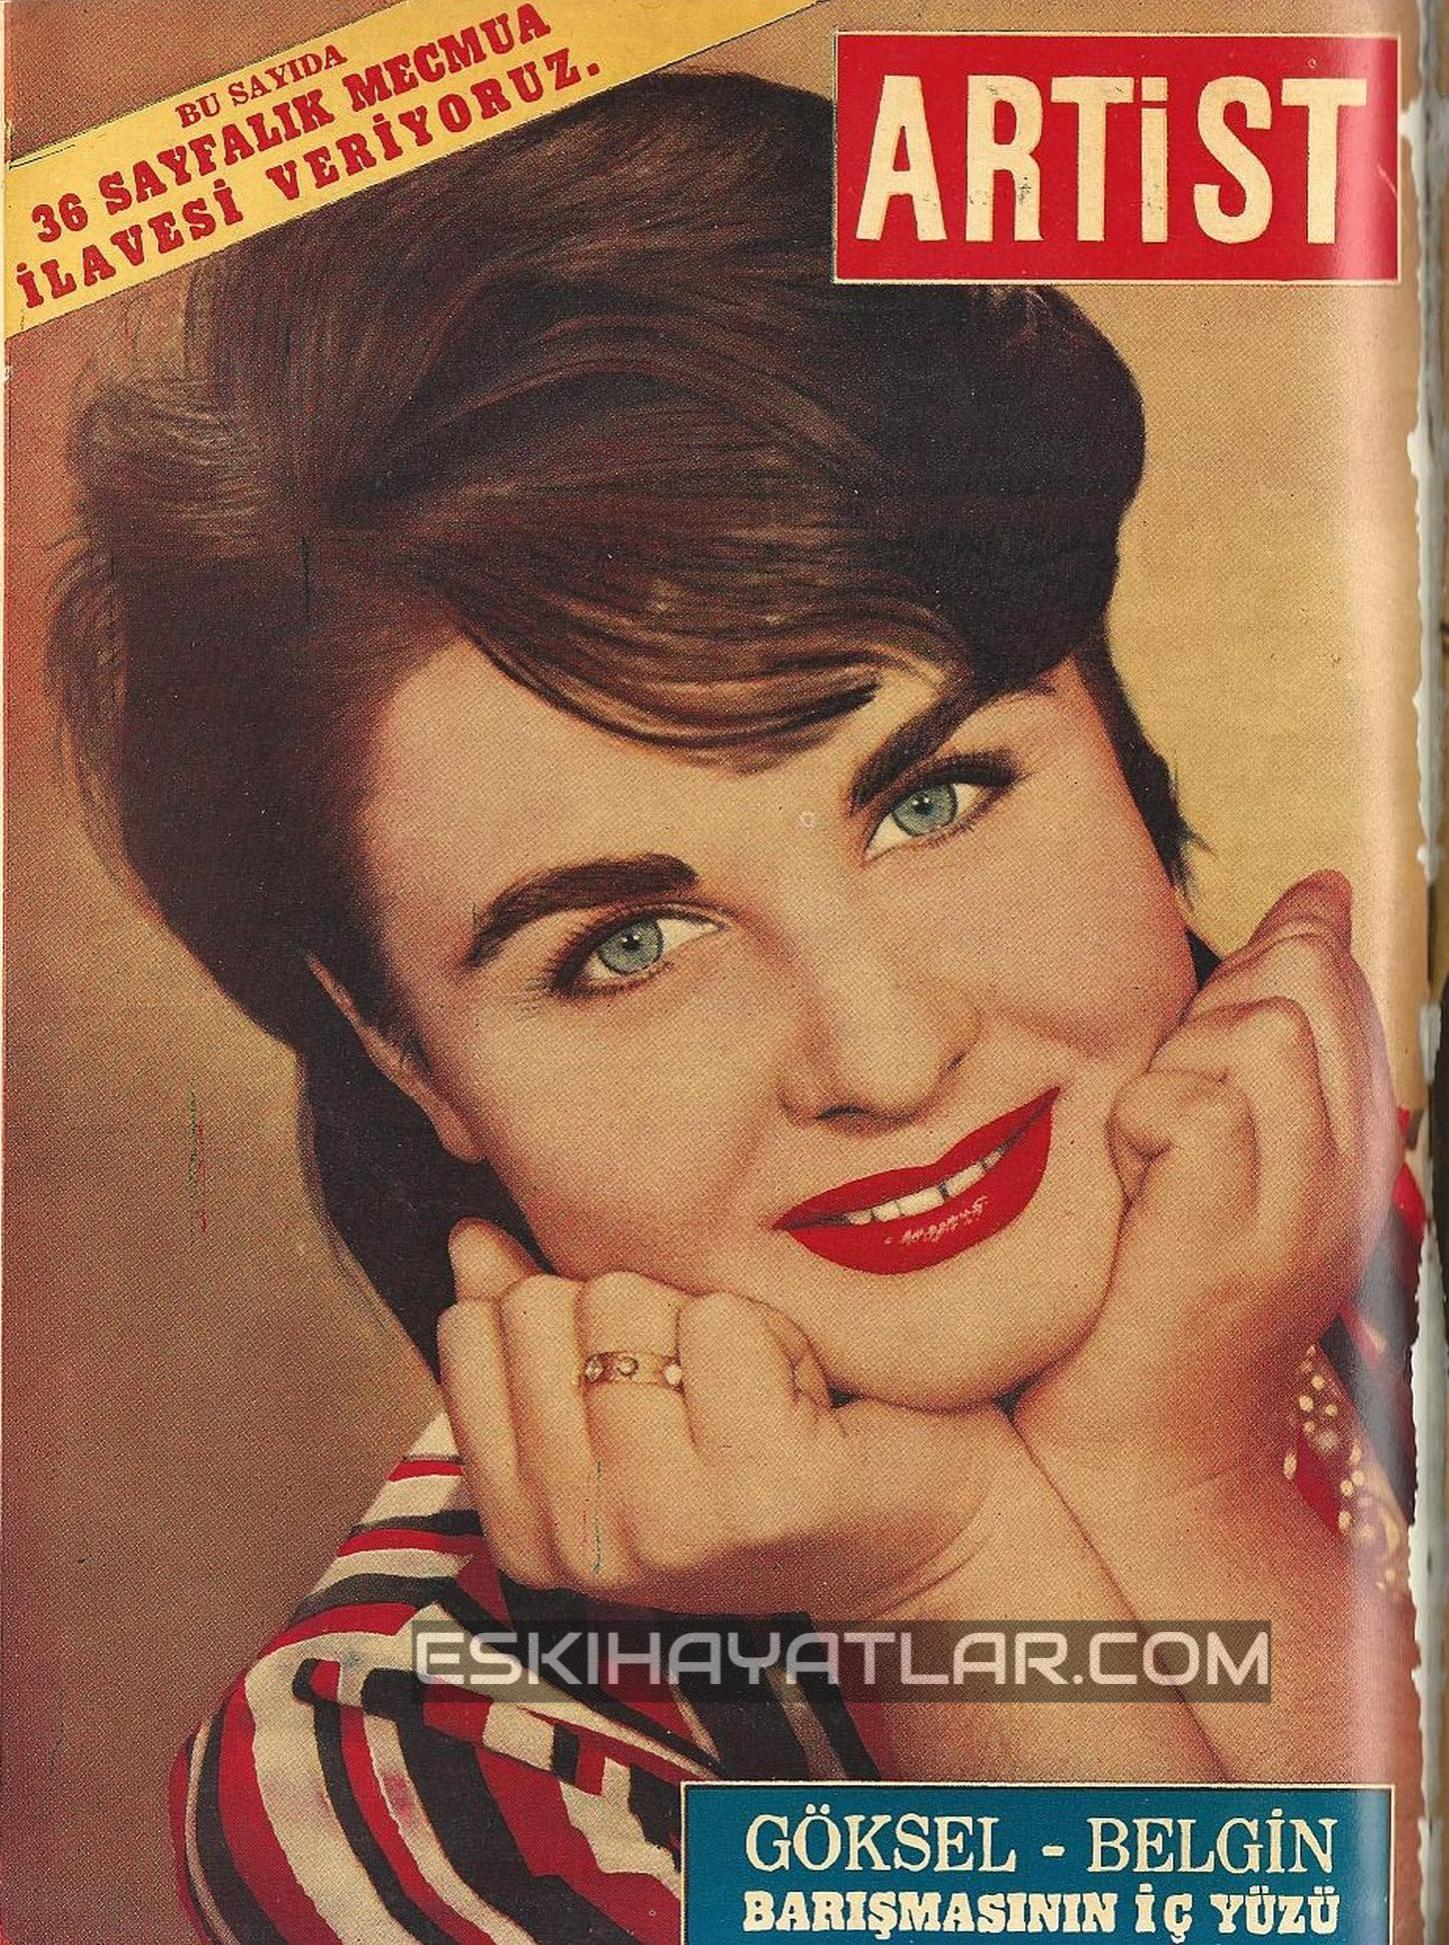 yesilcam-artistleri-huseyin-baradan-1963-artist-dergisi (4)